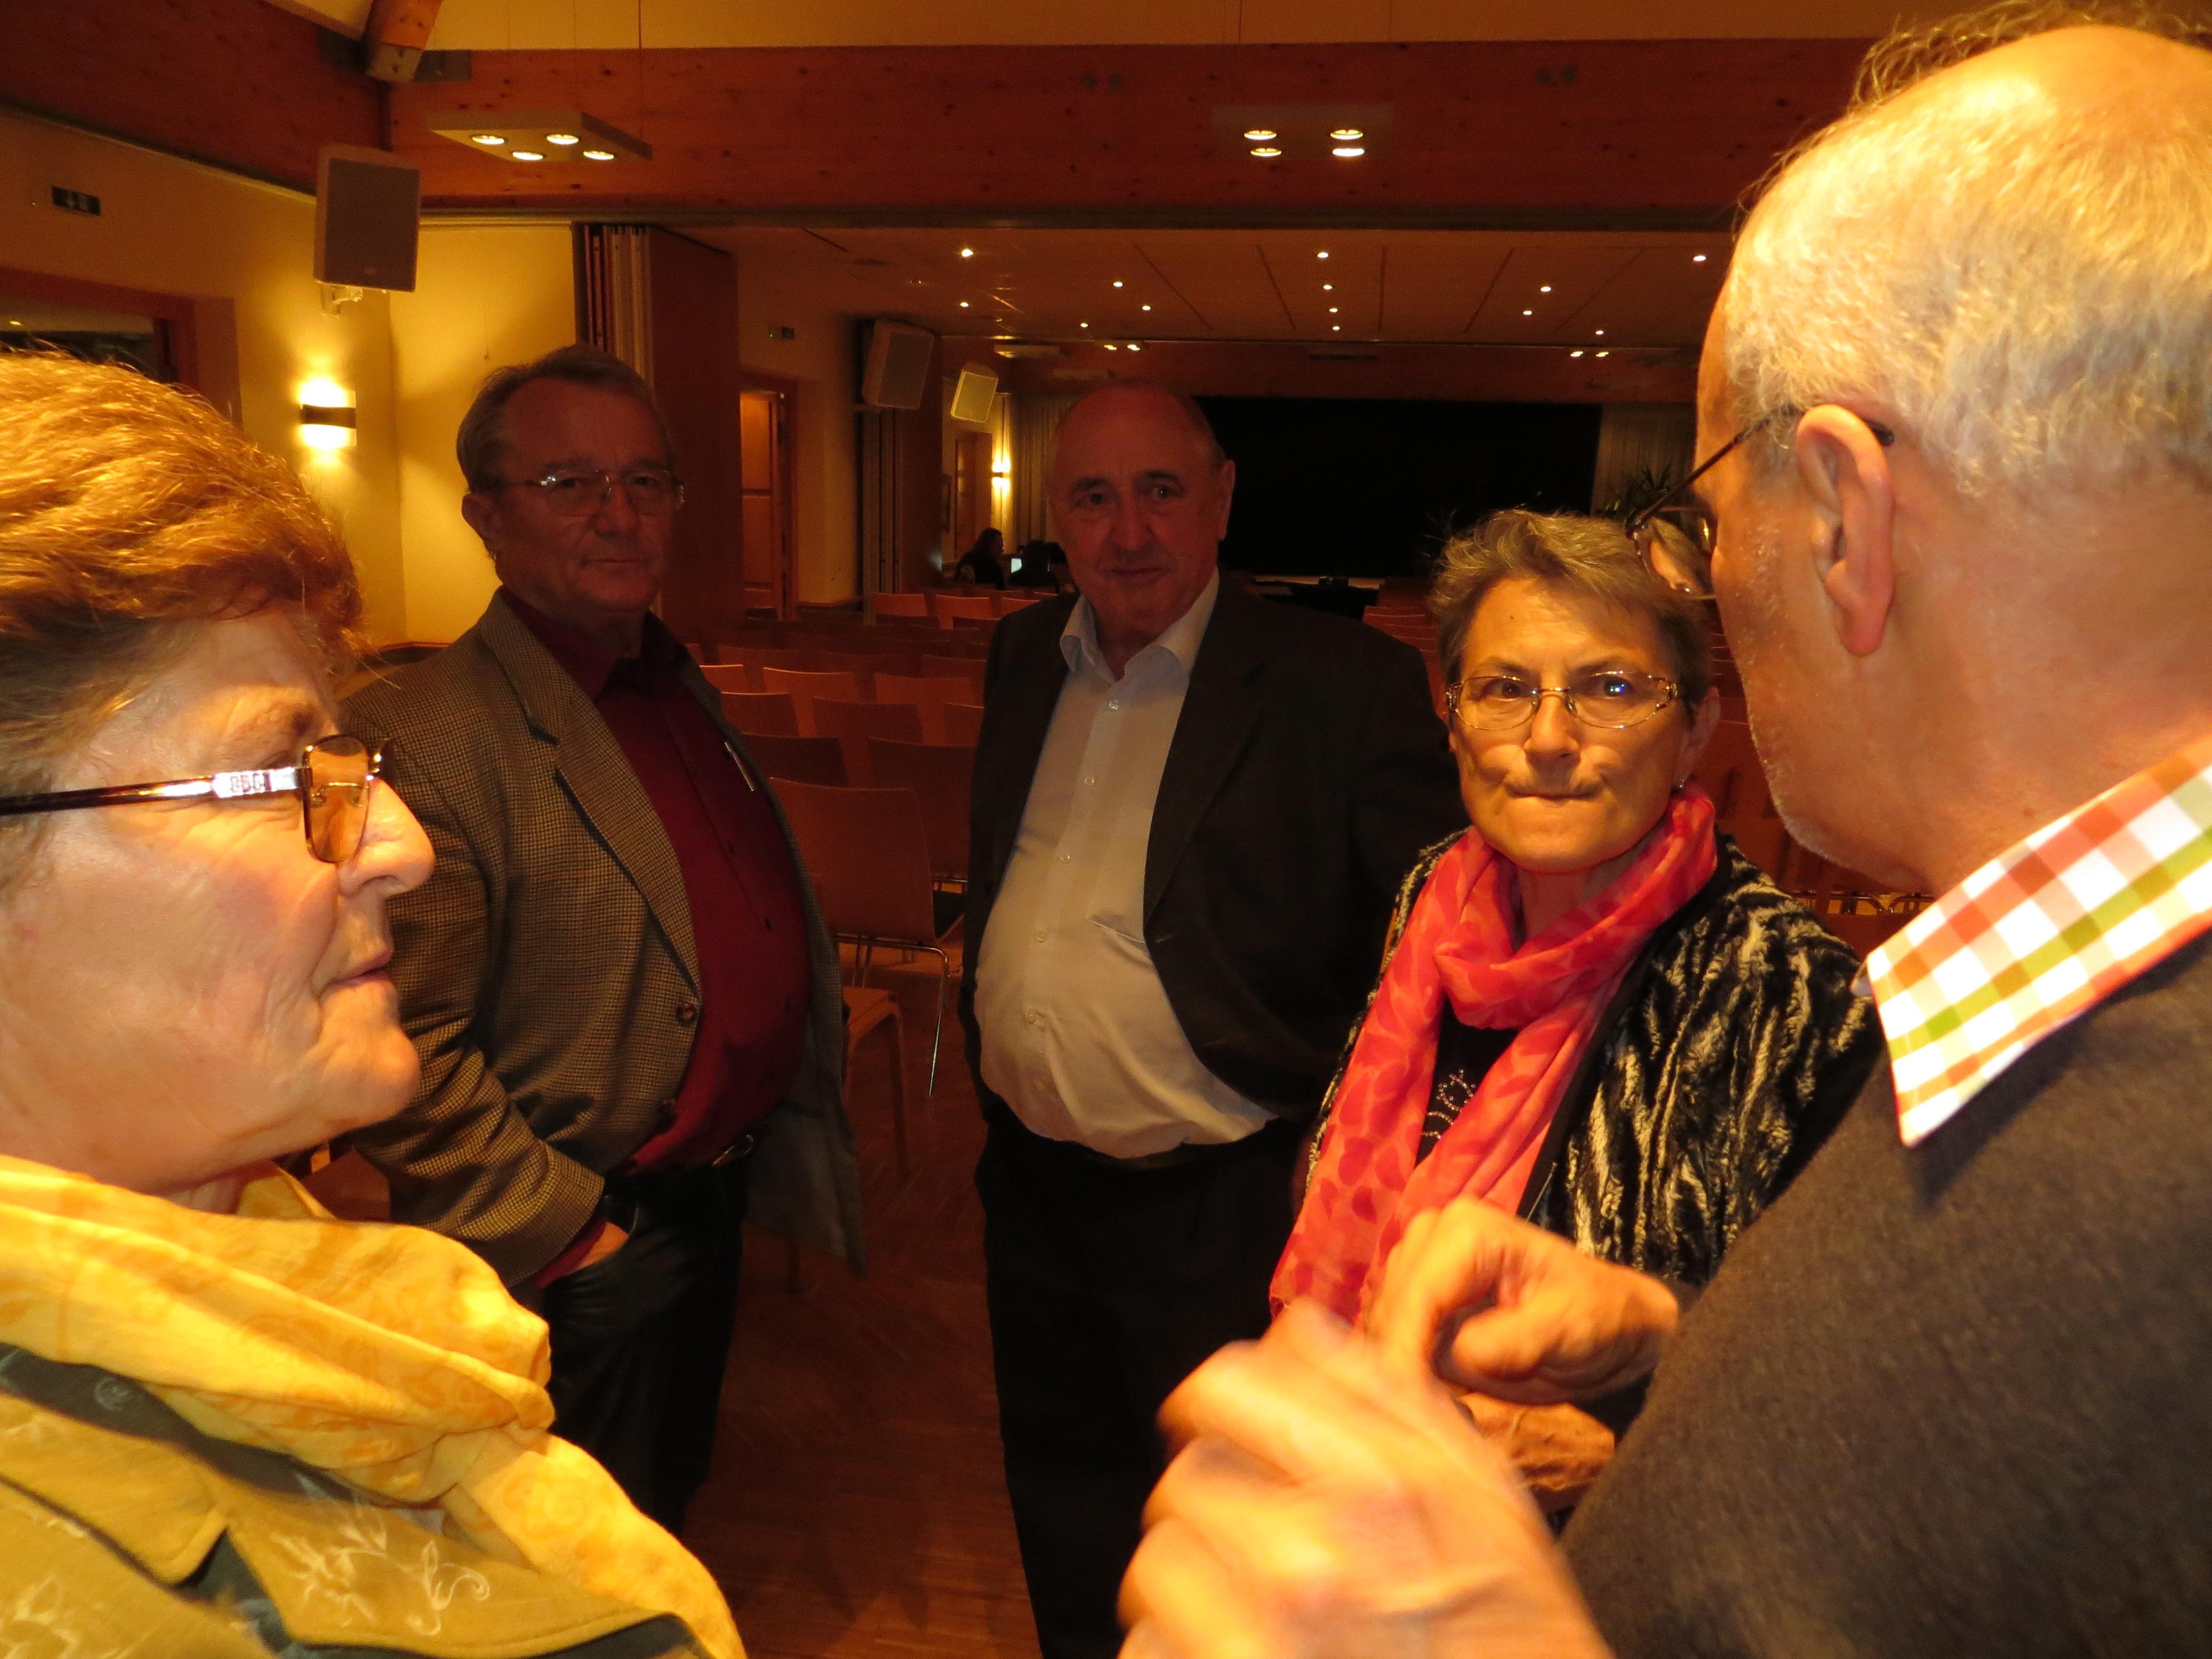 liebe Stammgäste mit Wurzeln in Weinburg